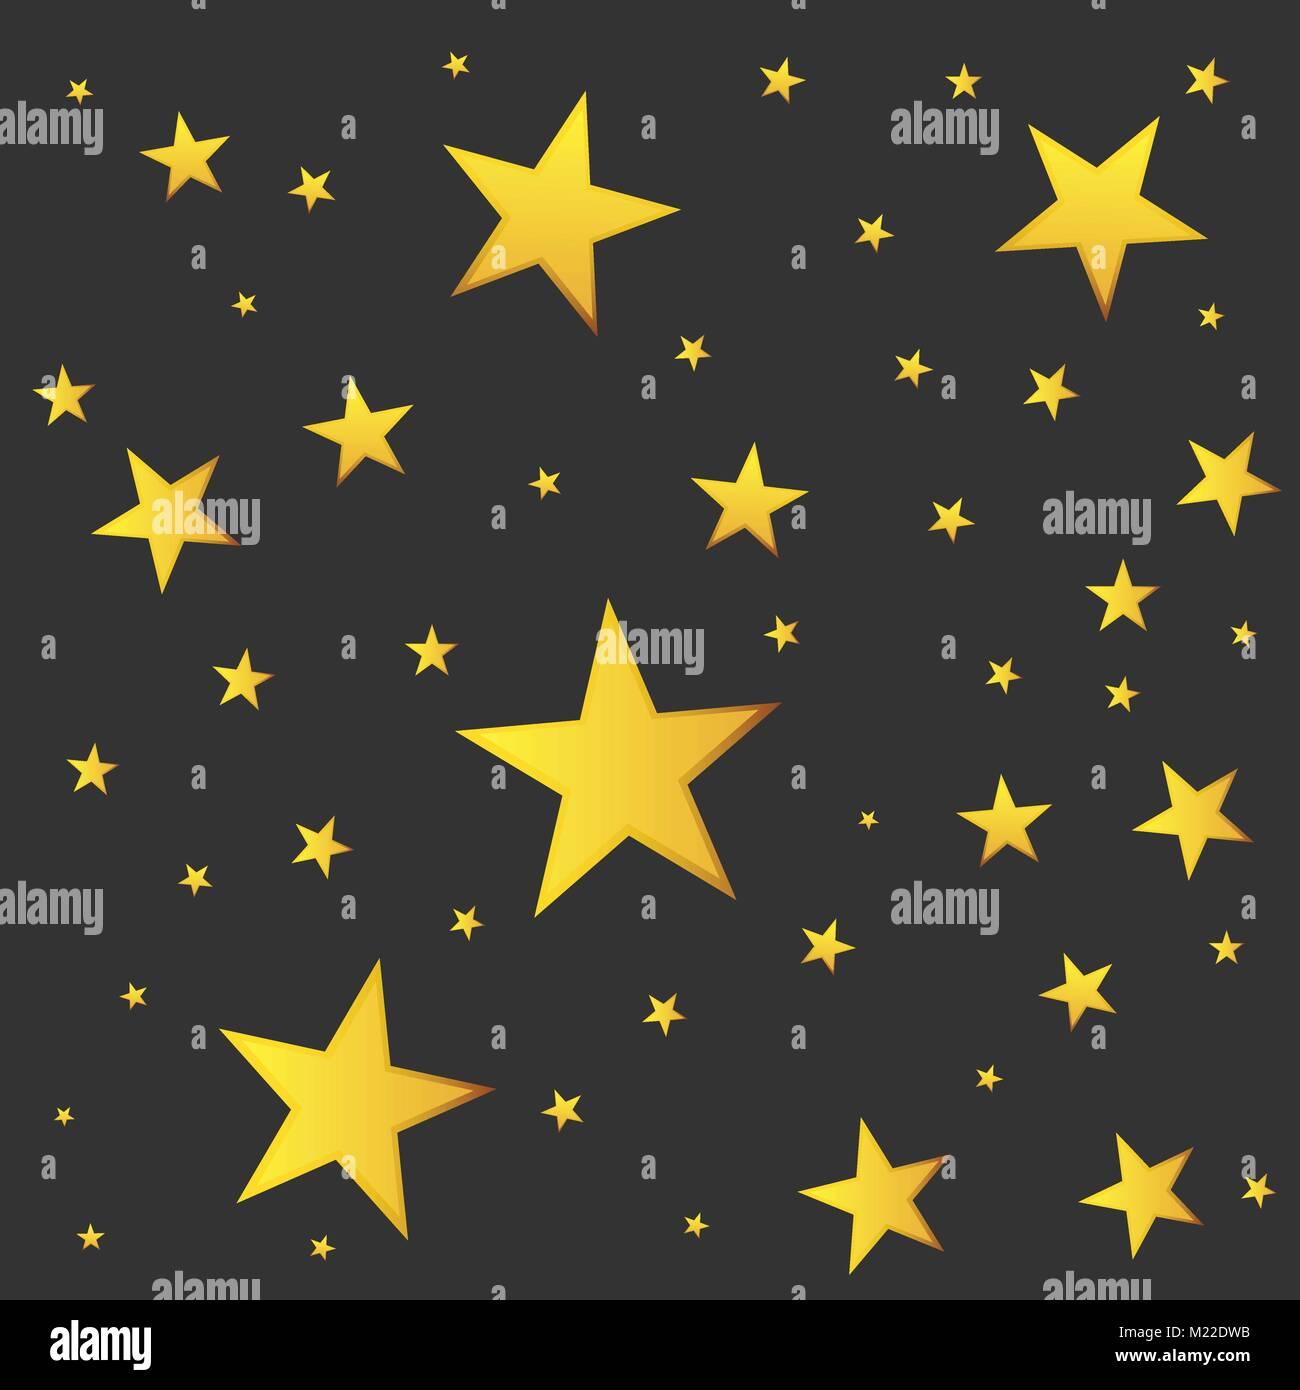 Stella Cadente Di Natale.Abstract Stella Cadente Vettore Illustrazione Con Golden Stelle Di Natale Su Sfondo Nero Immagine E Vettoriale Alamy